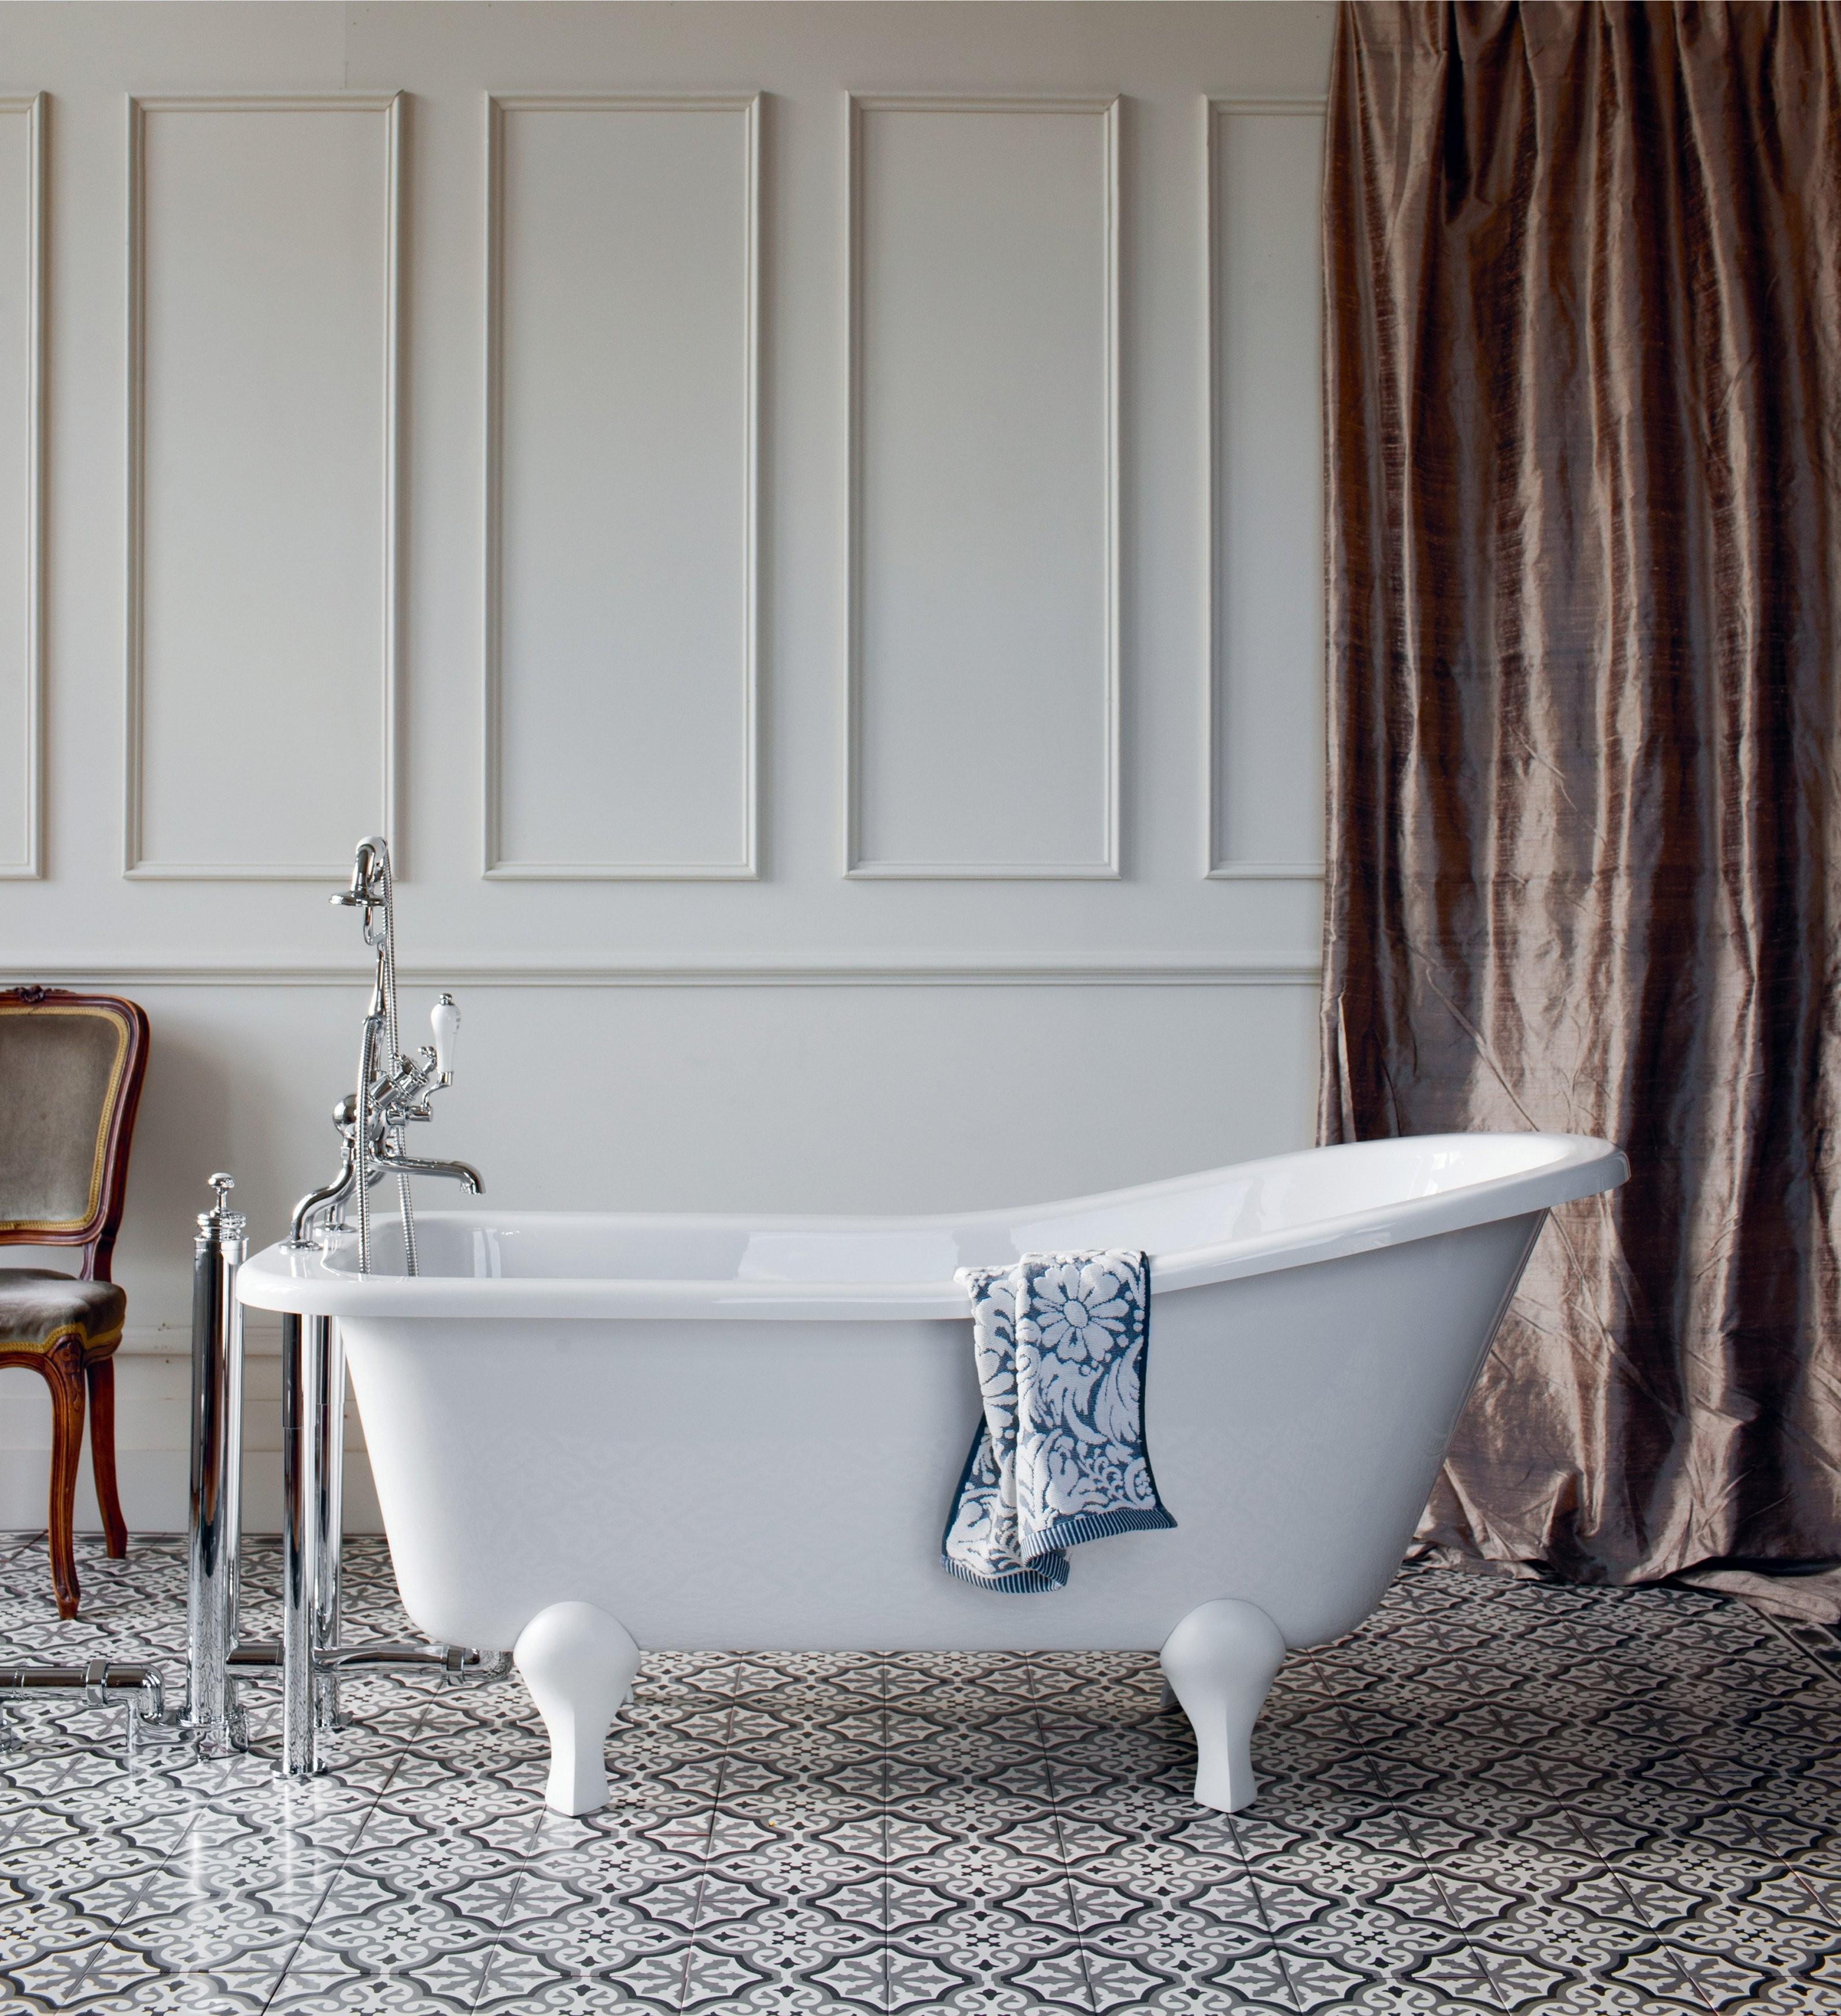 Freistehende Badewanne Buckingham  Traditionelle Badezimmer von Retro Badewanne Freistehend Bild